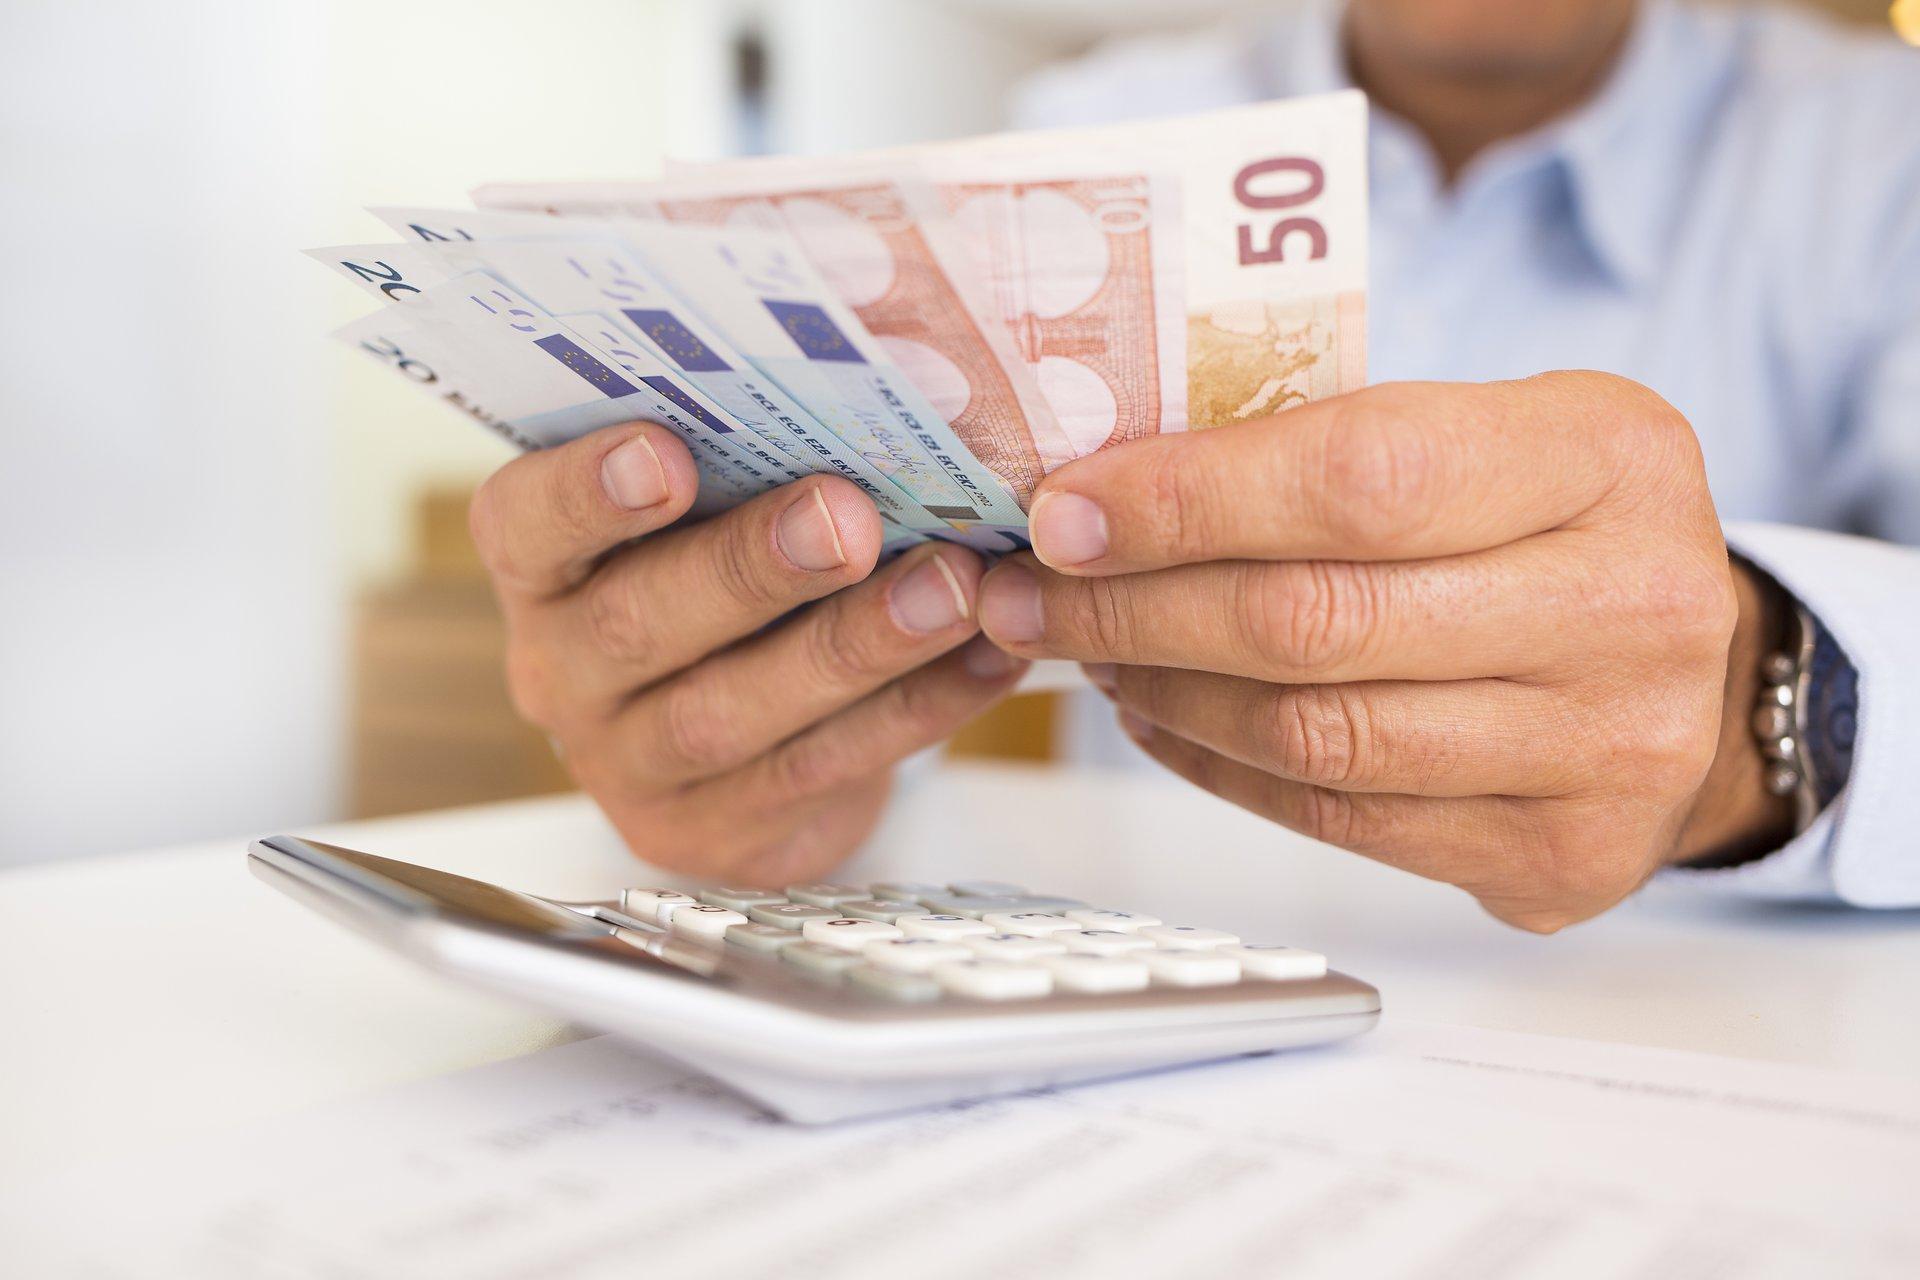 Ātri veidot naudu tiešsaistē šodien, frīlancings...